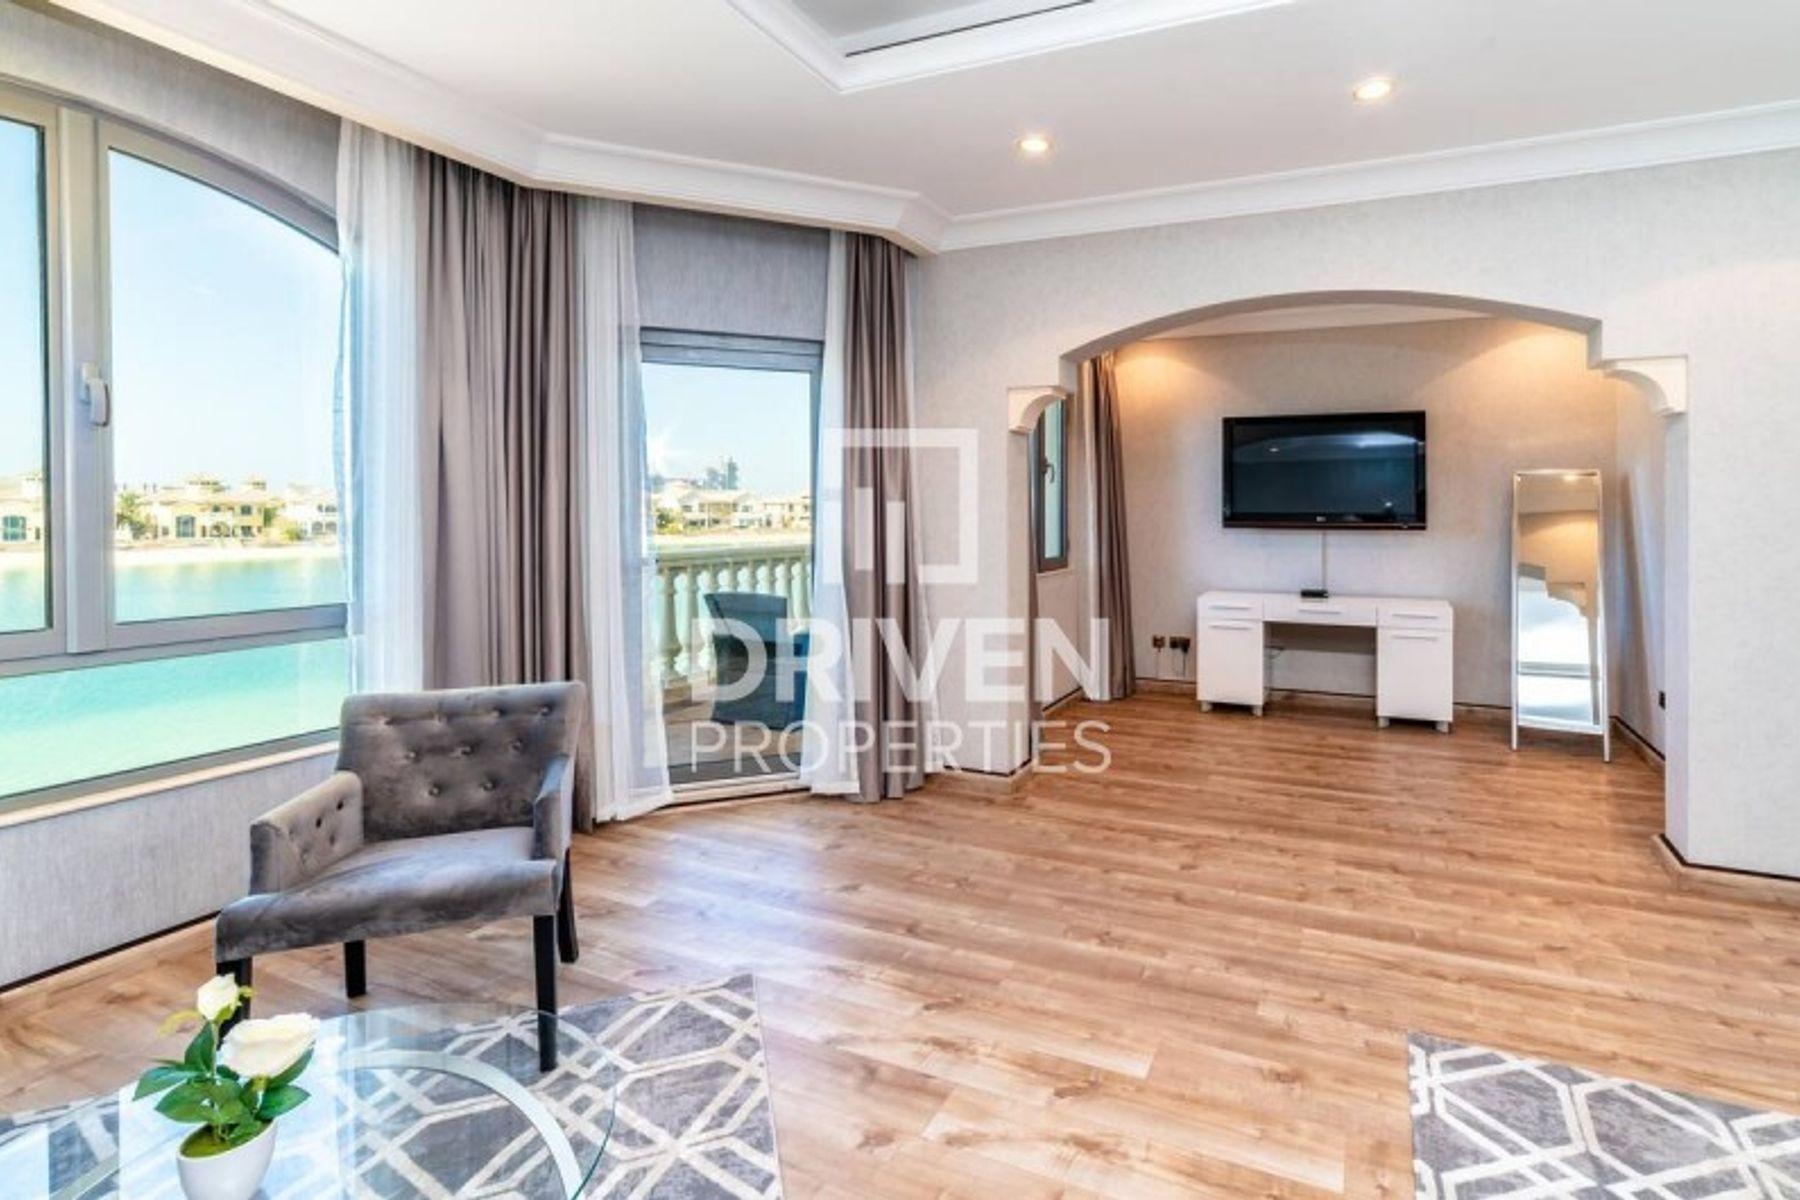 Well Prices, 5 Bedroom Garden Home Villa